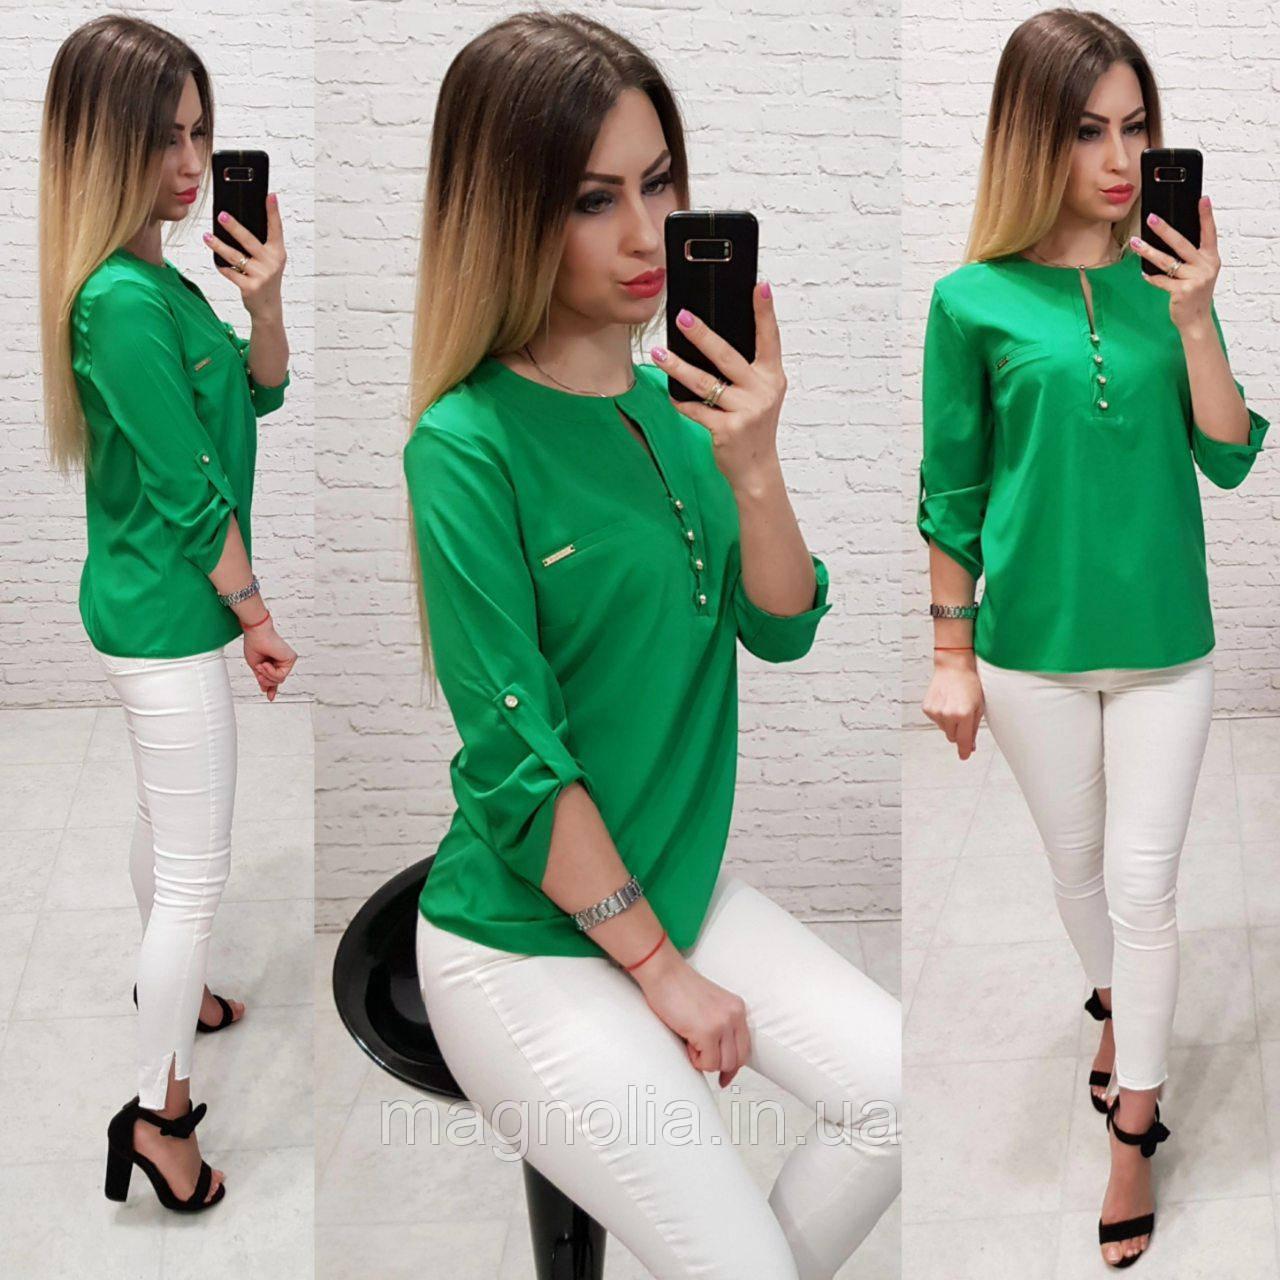 Блуза / блузка арт. 830 зелёный  / зелёная